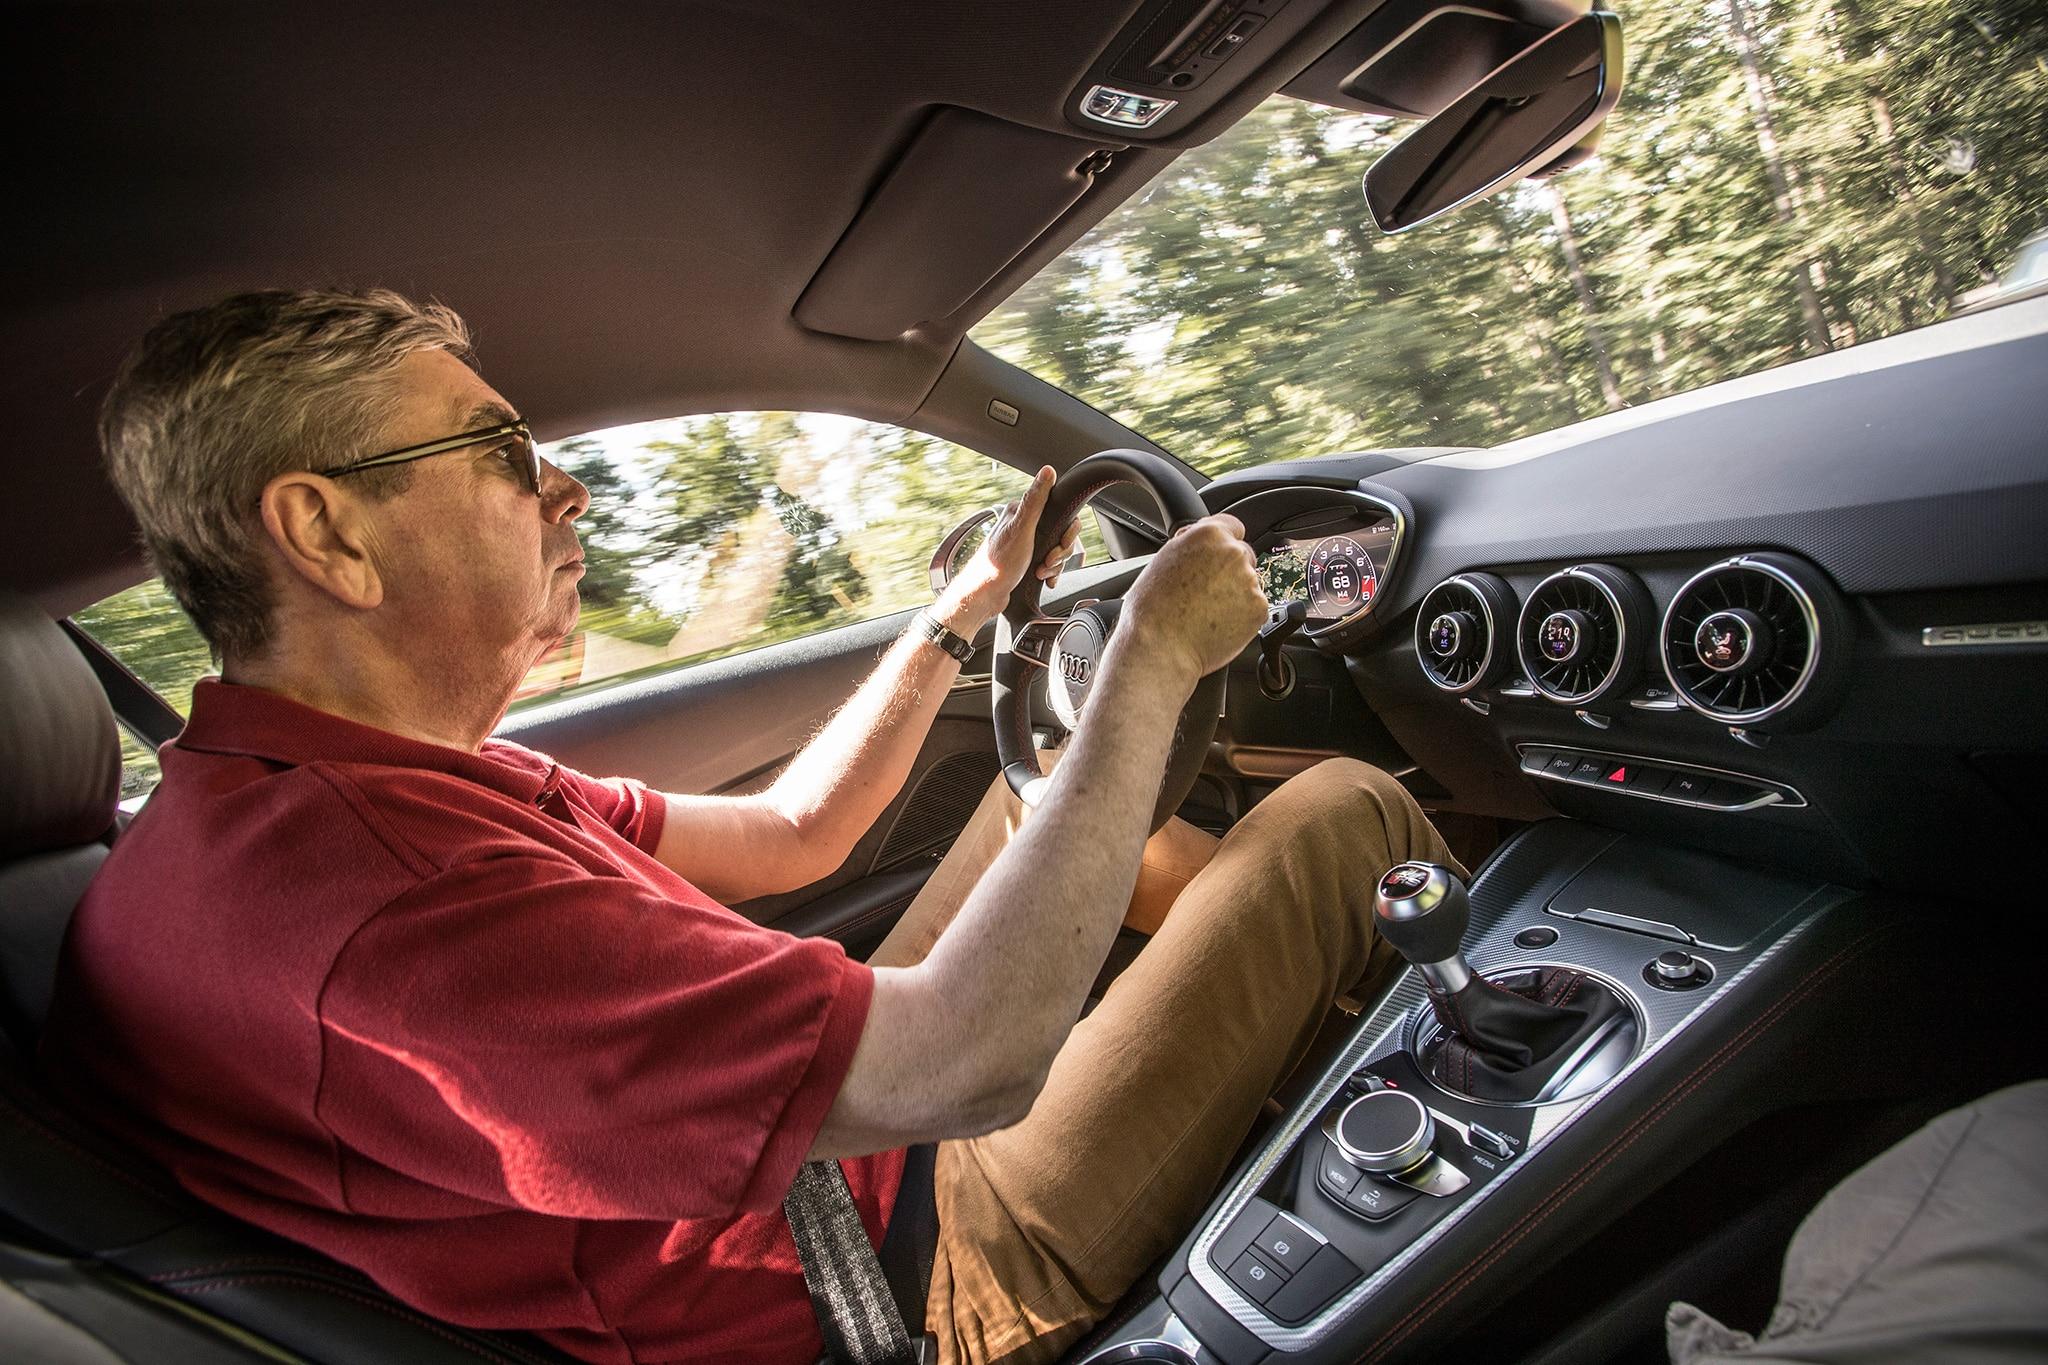 2018 Audi TT RS Georg Kacher Driving